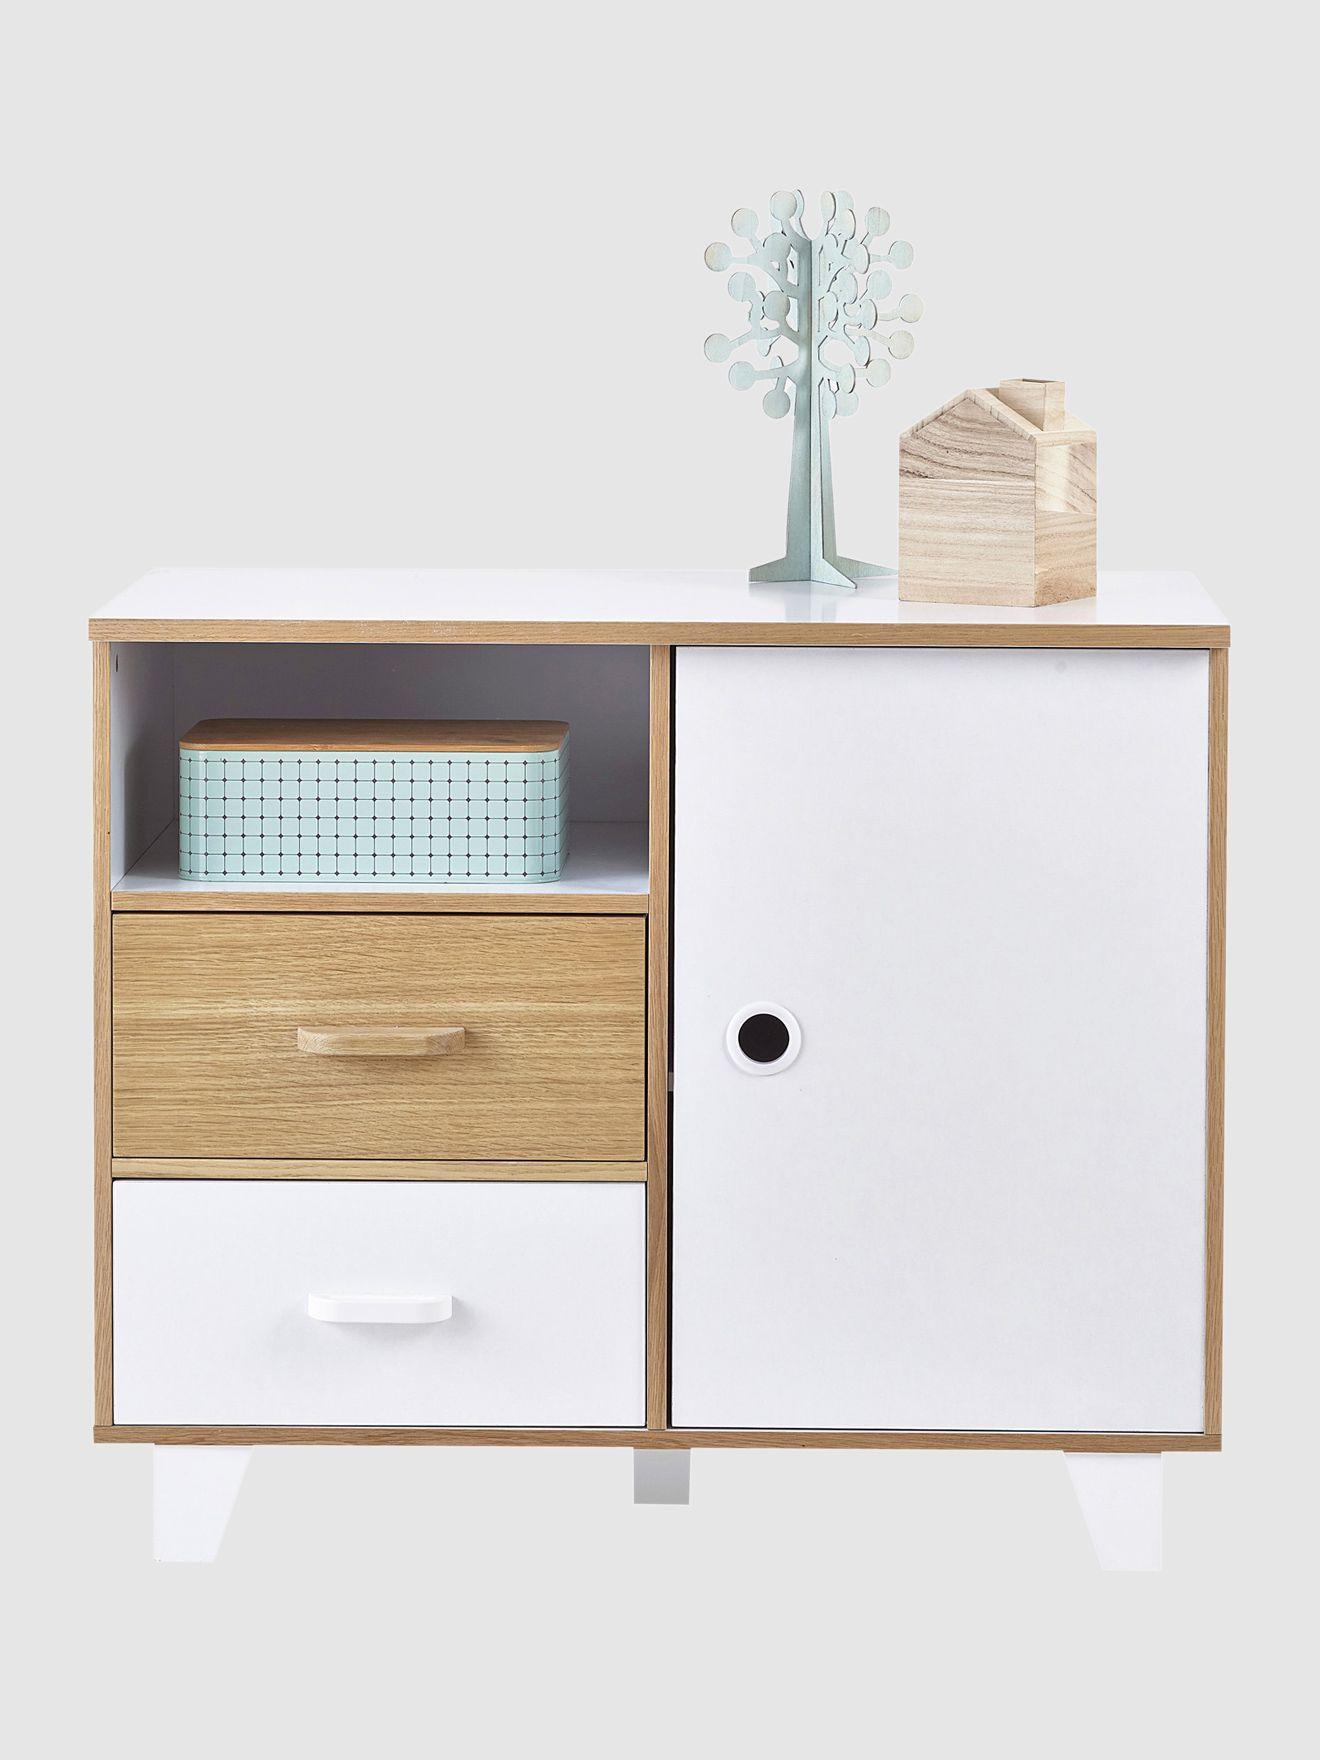 mode bébé chambre déco mobilier Collection Printemps été